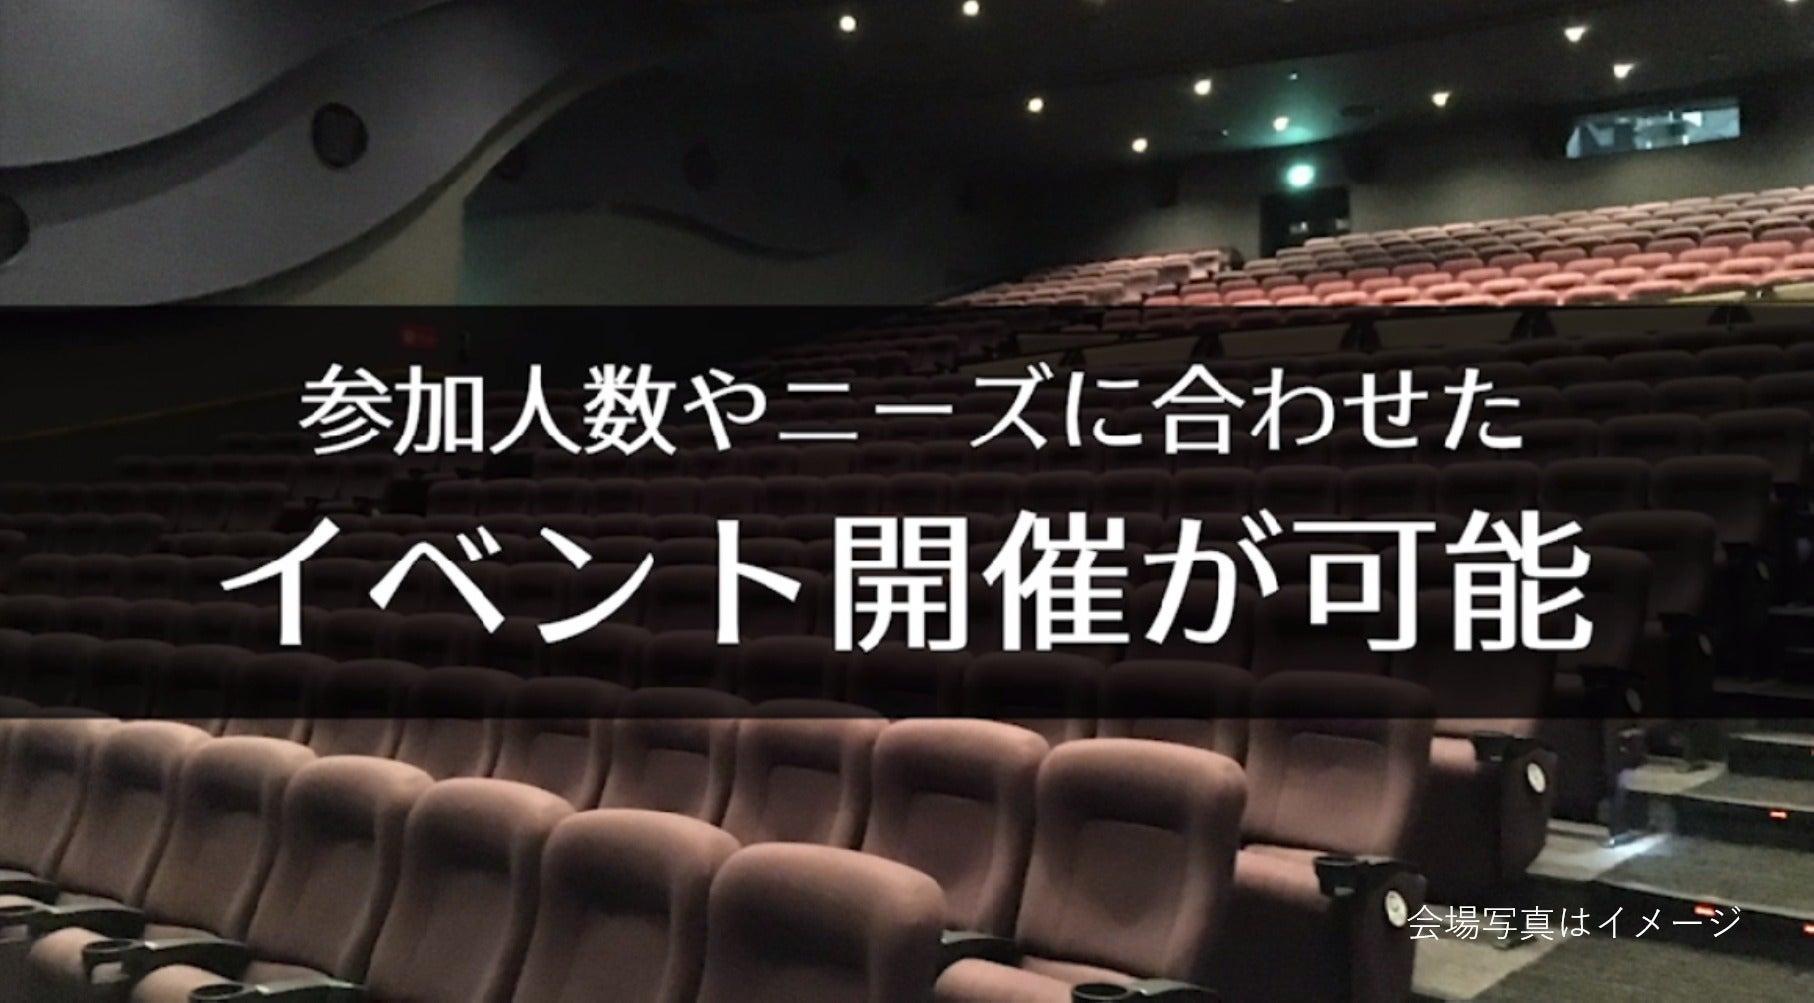 【前橋 117席】映画館で、会社説明会、株主総会、講演会の企画はいかがですか?